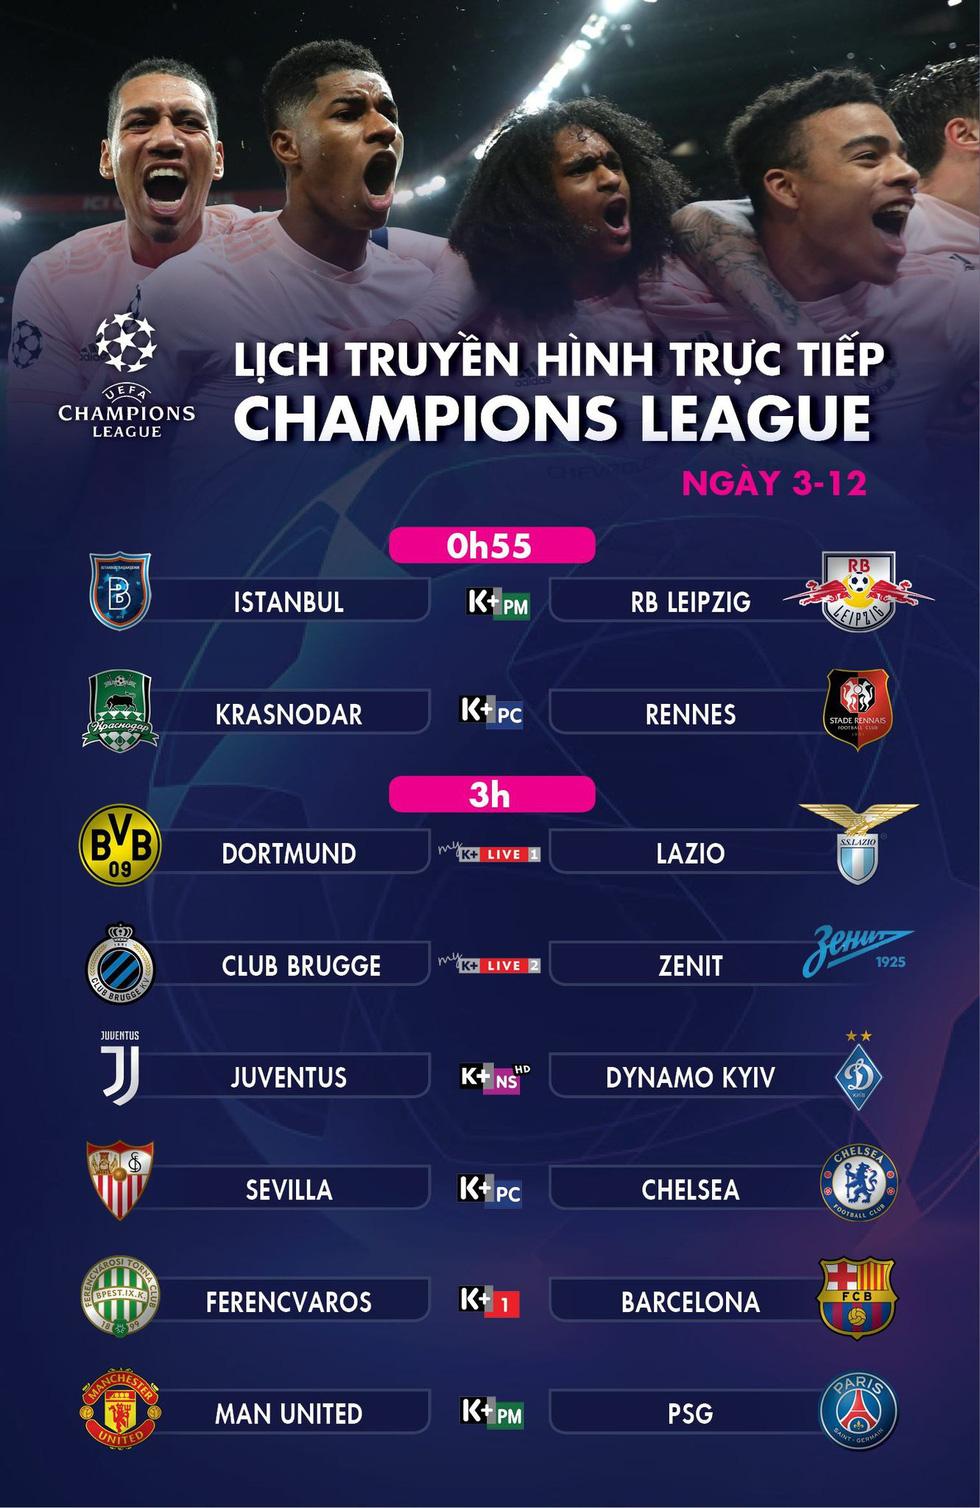 Lịch trực tiếp Champions League 3-12: Tâm điểm Man United - PSG - Ảnh 1.